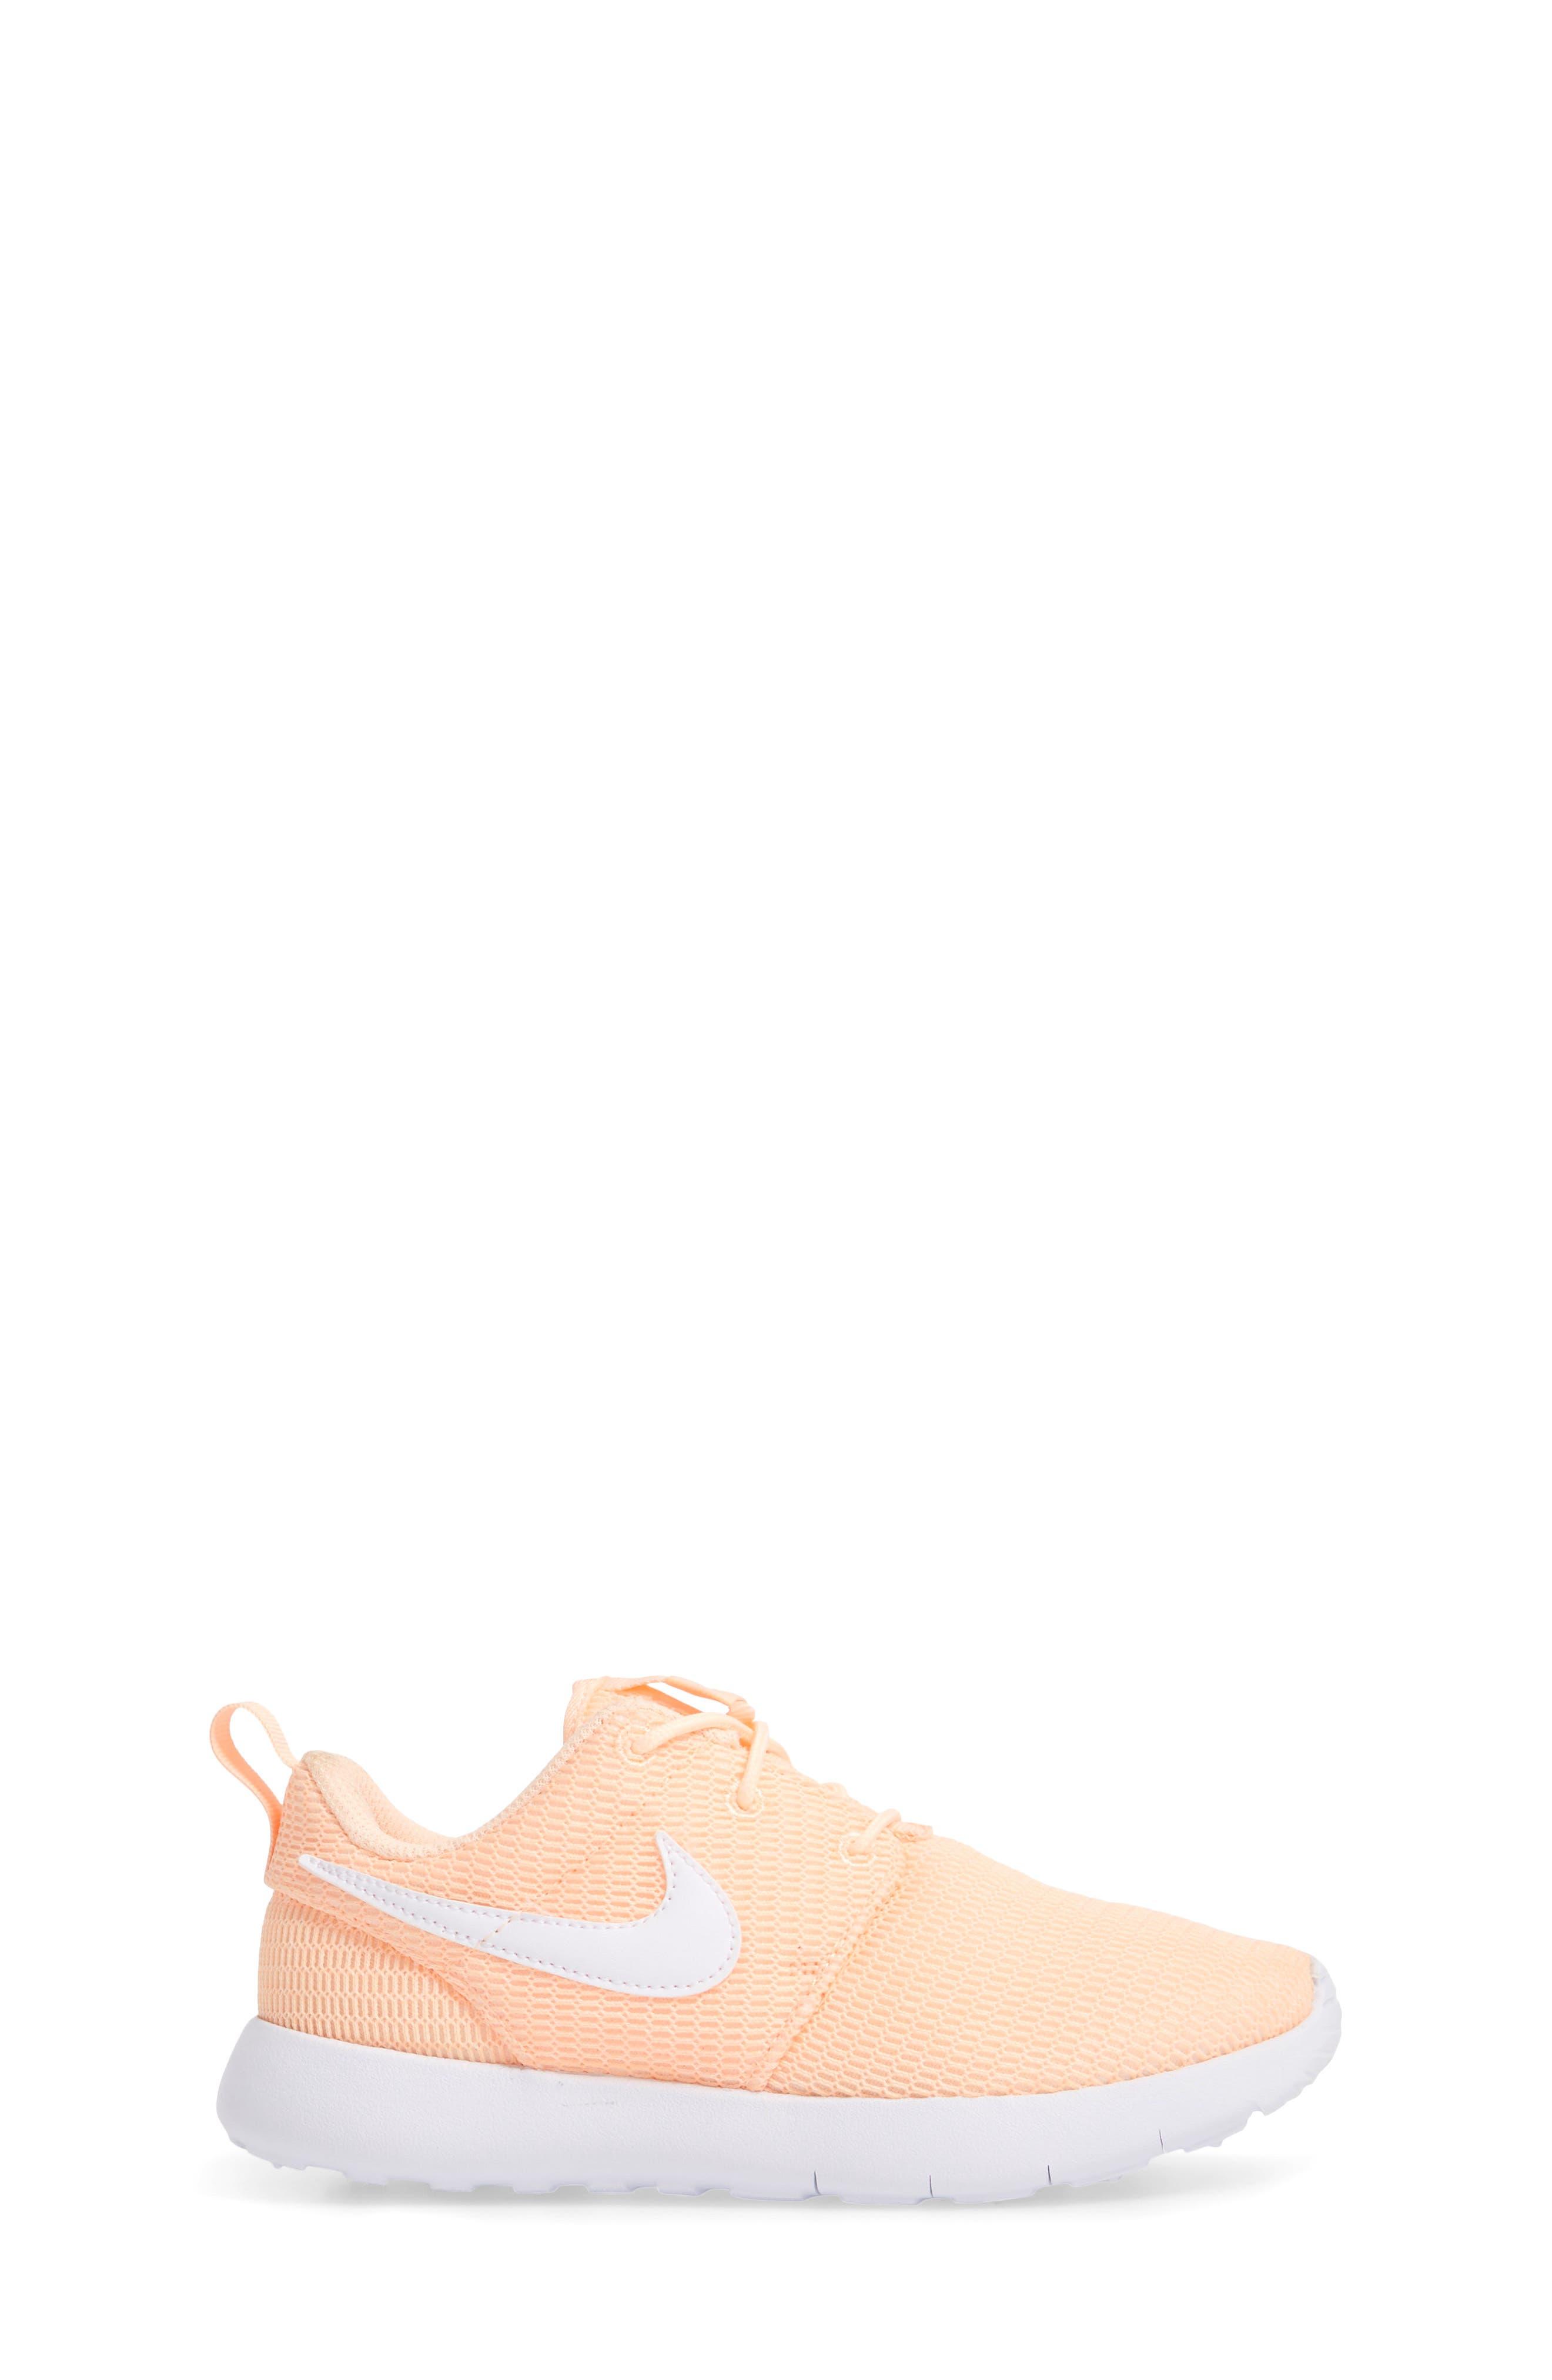 'Roshe Run' Athletic Shoe,                             Alternate thumbnail 3, color,                             Crimson Tint/ White